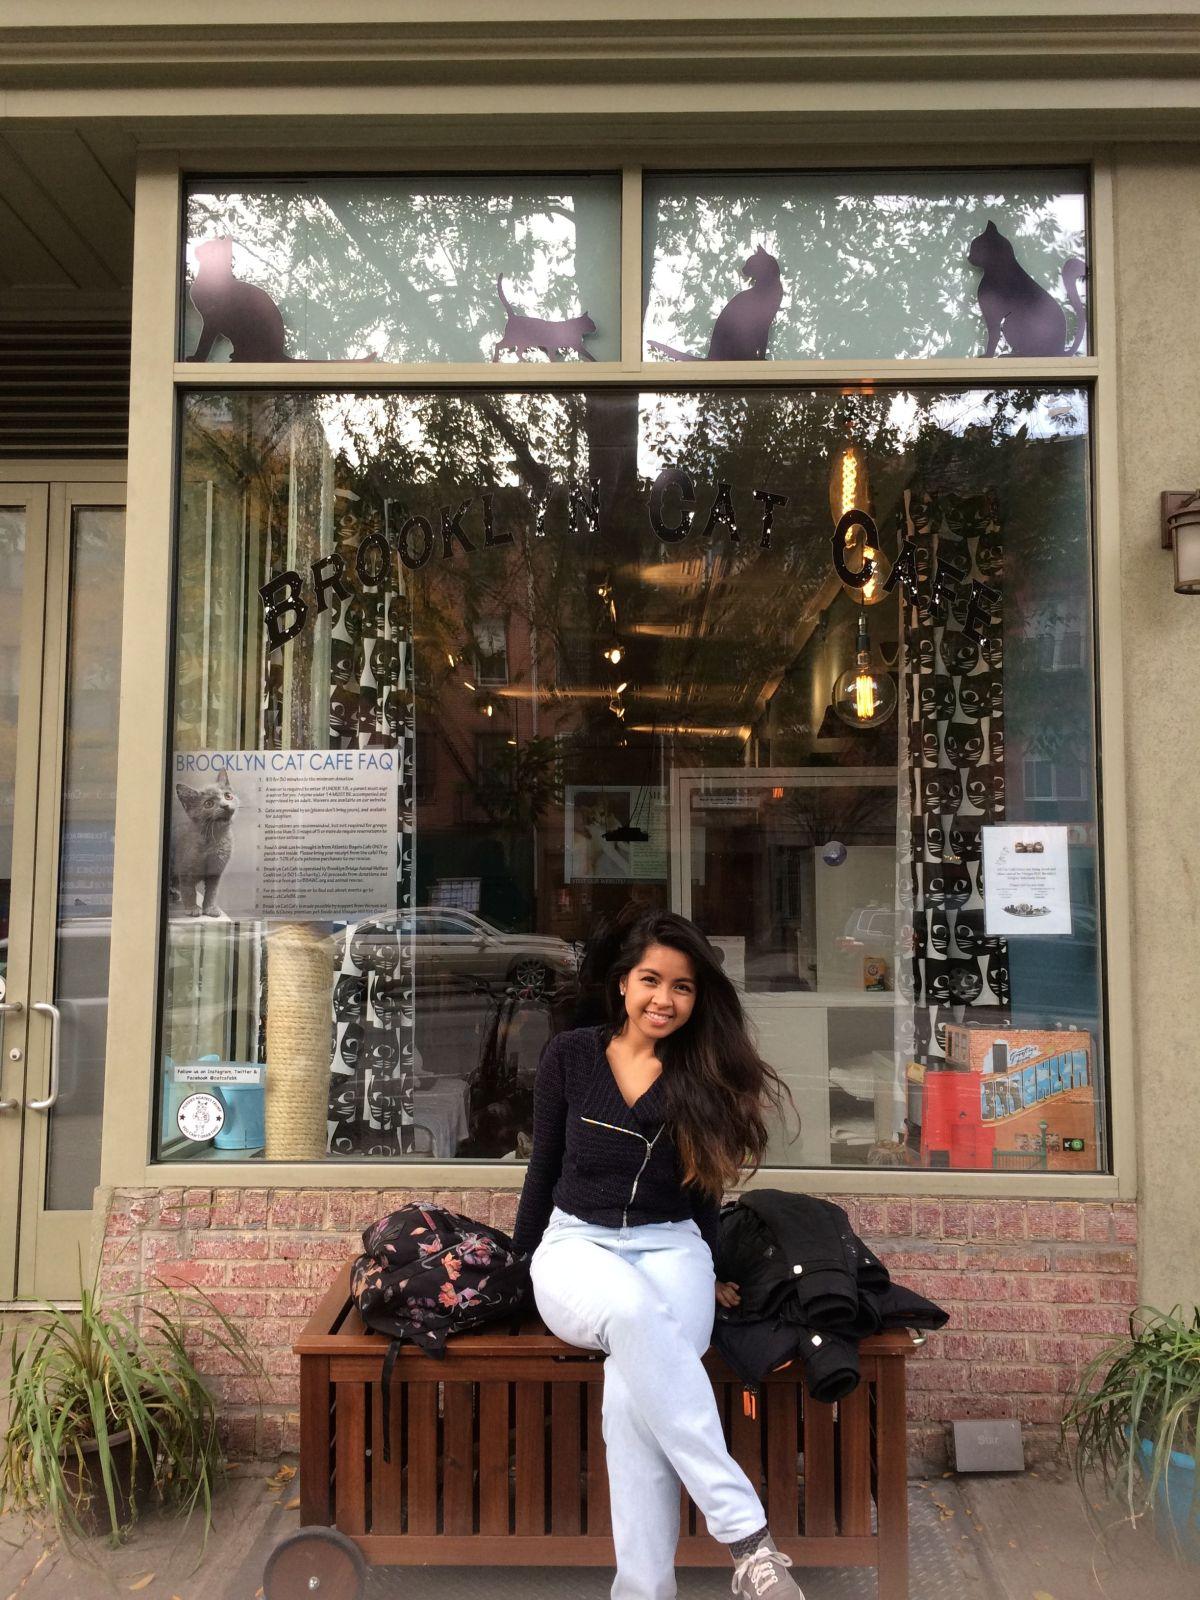 New York City: CatCafés